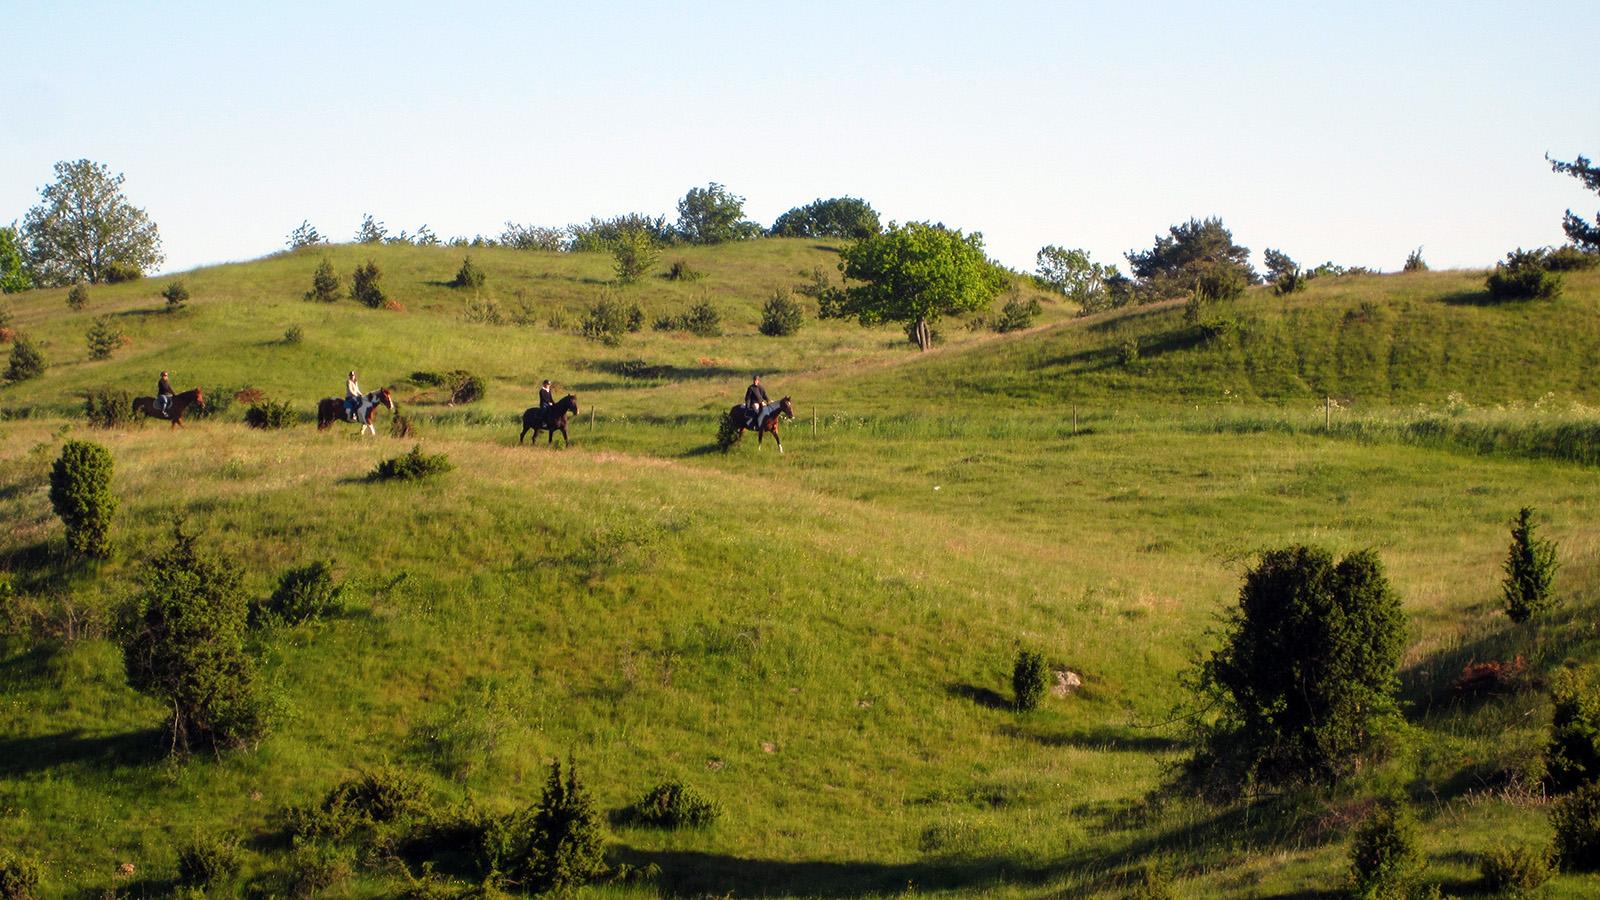 Upplev samma landskap som Skorpan och Jonathan i Bröderna Lejonhjärta! Här finns turridning med både islandshästar och irländska sporthästar. Foto: Stall Torparebron